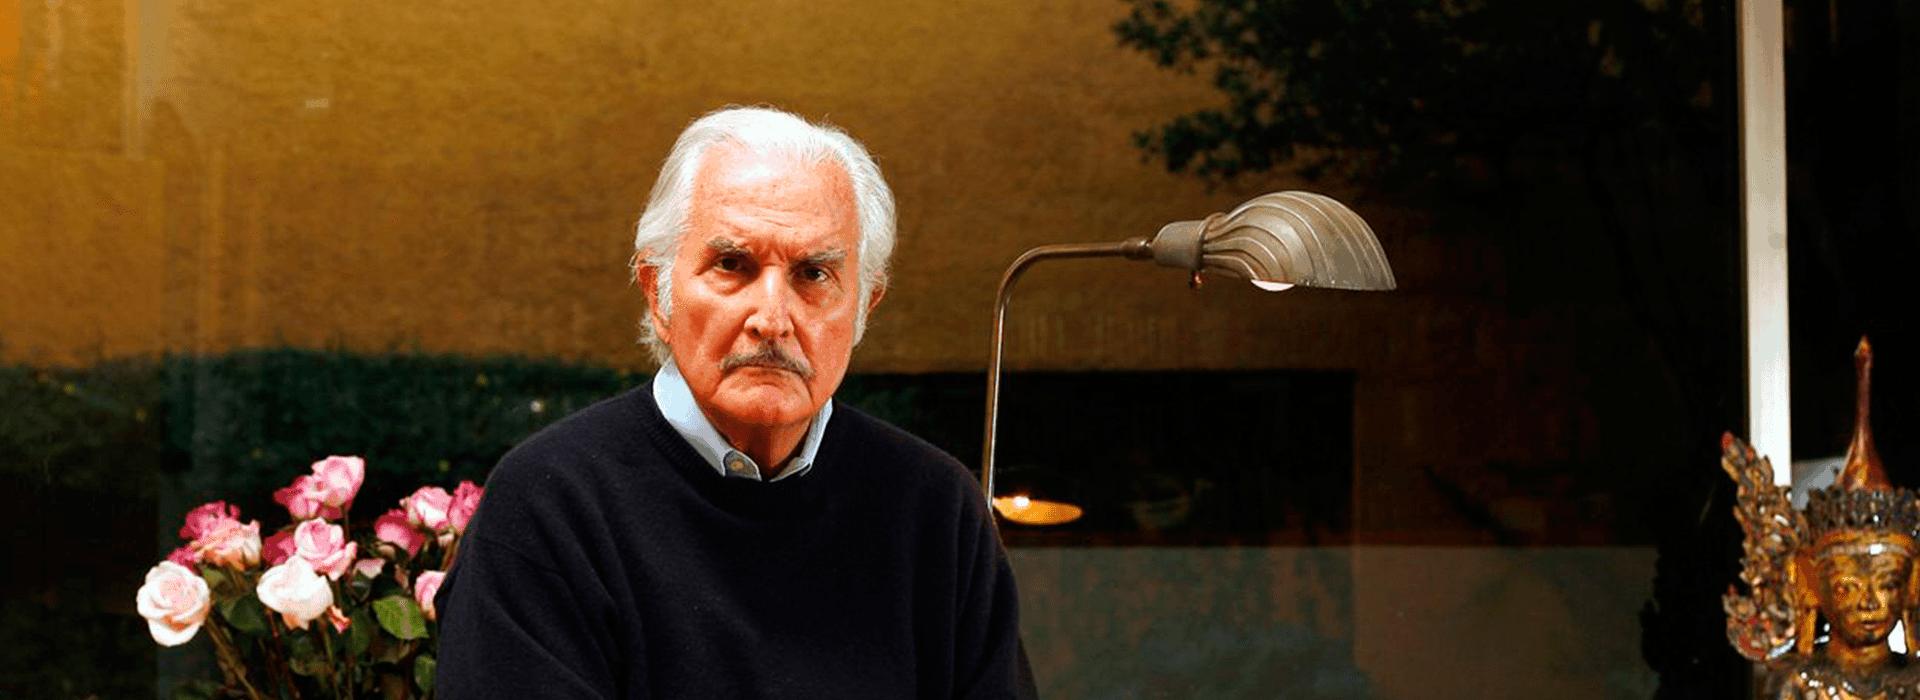 Carlos Fuentes en el cine